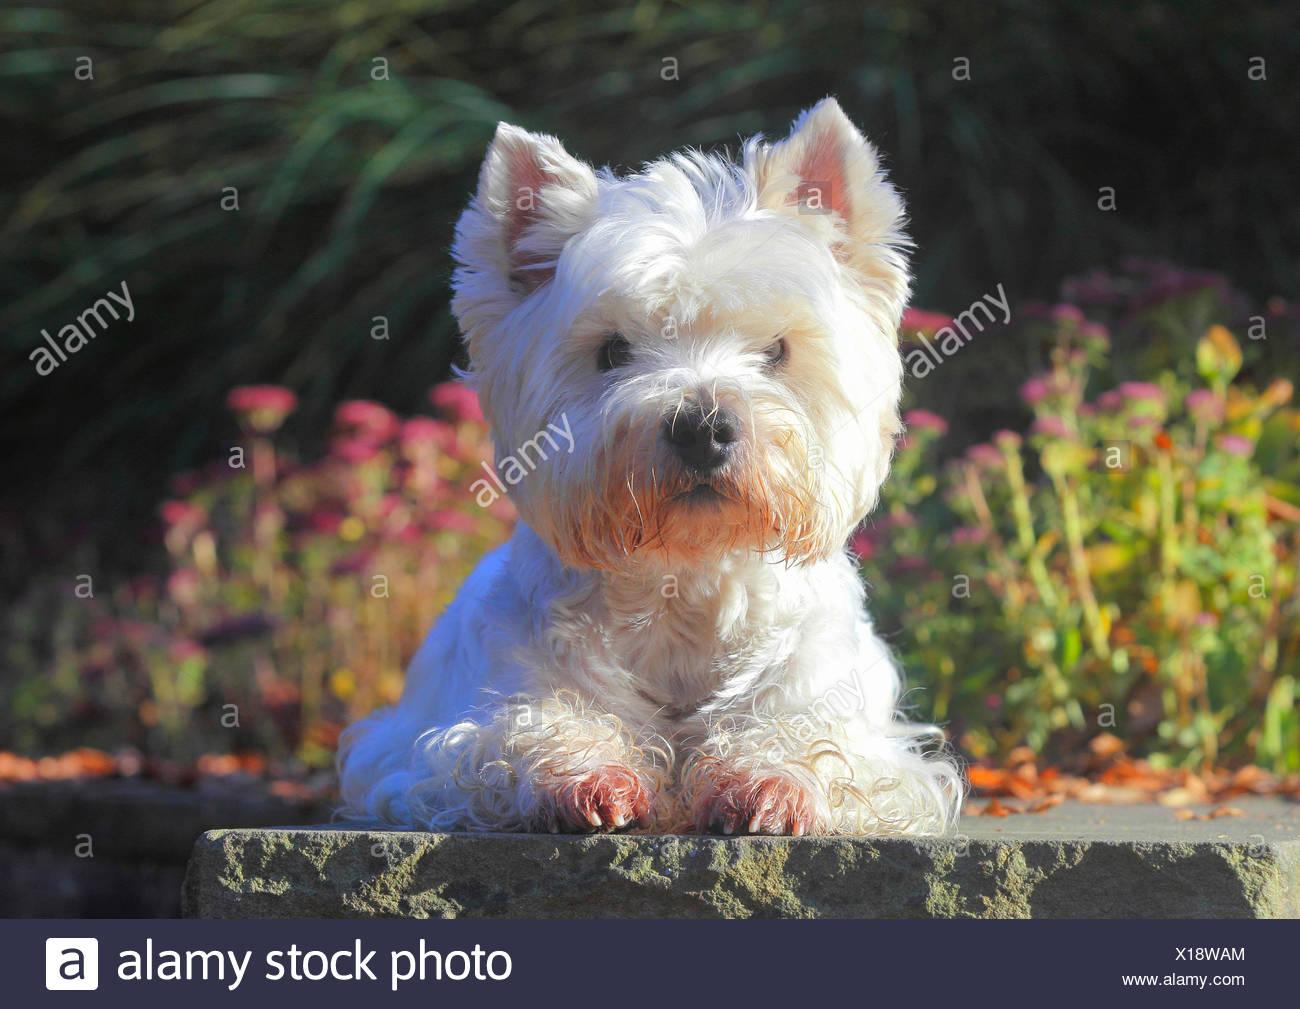 West Highland White Terrier, Westie (Canis lupus familiaris) f., nueve años de edad, perro en un parque en una pared, Alemania Imagen De Stock